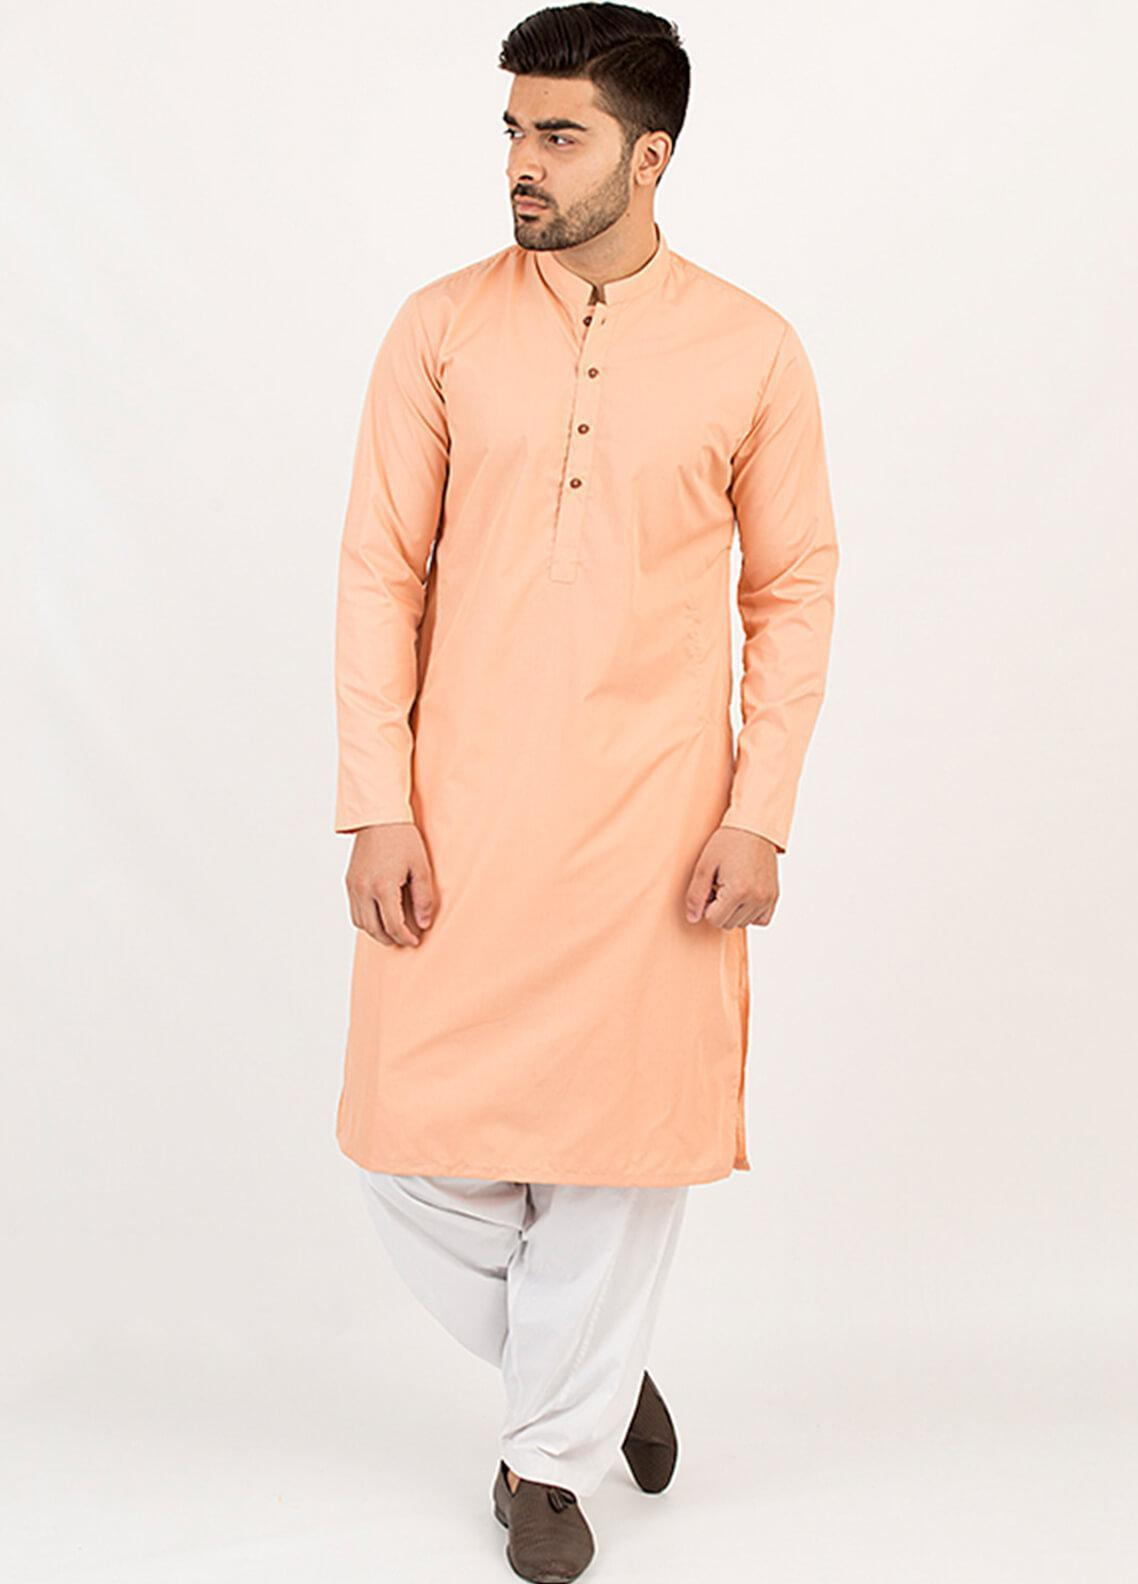 Shahzeb Saeed Wash N Wear Formal Men Kurta - Peach KURTA-108